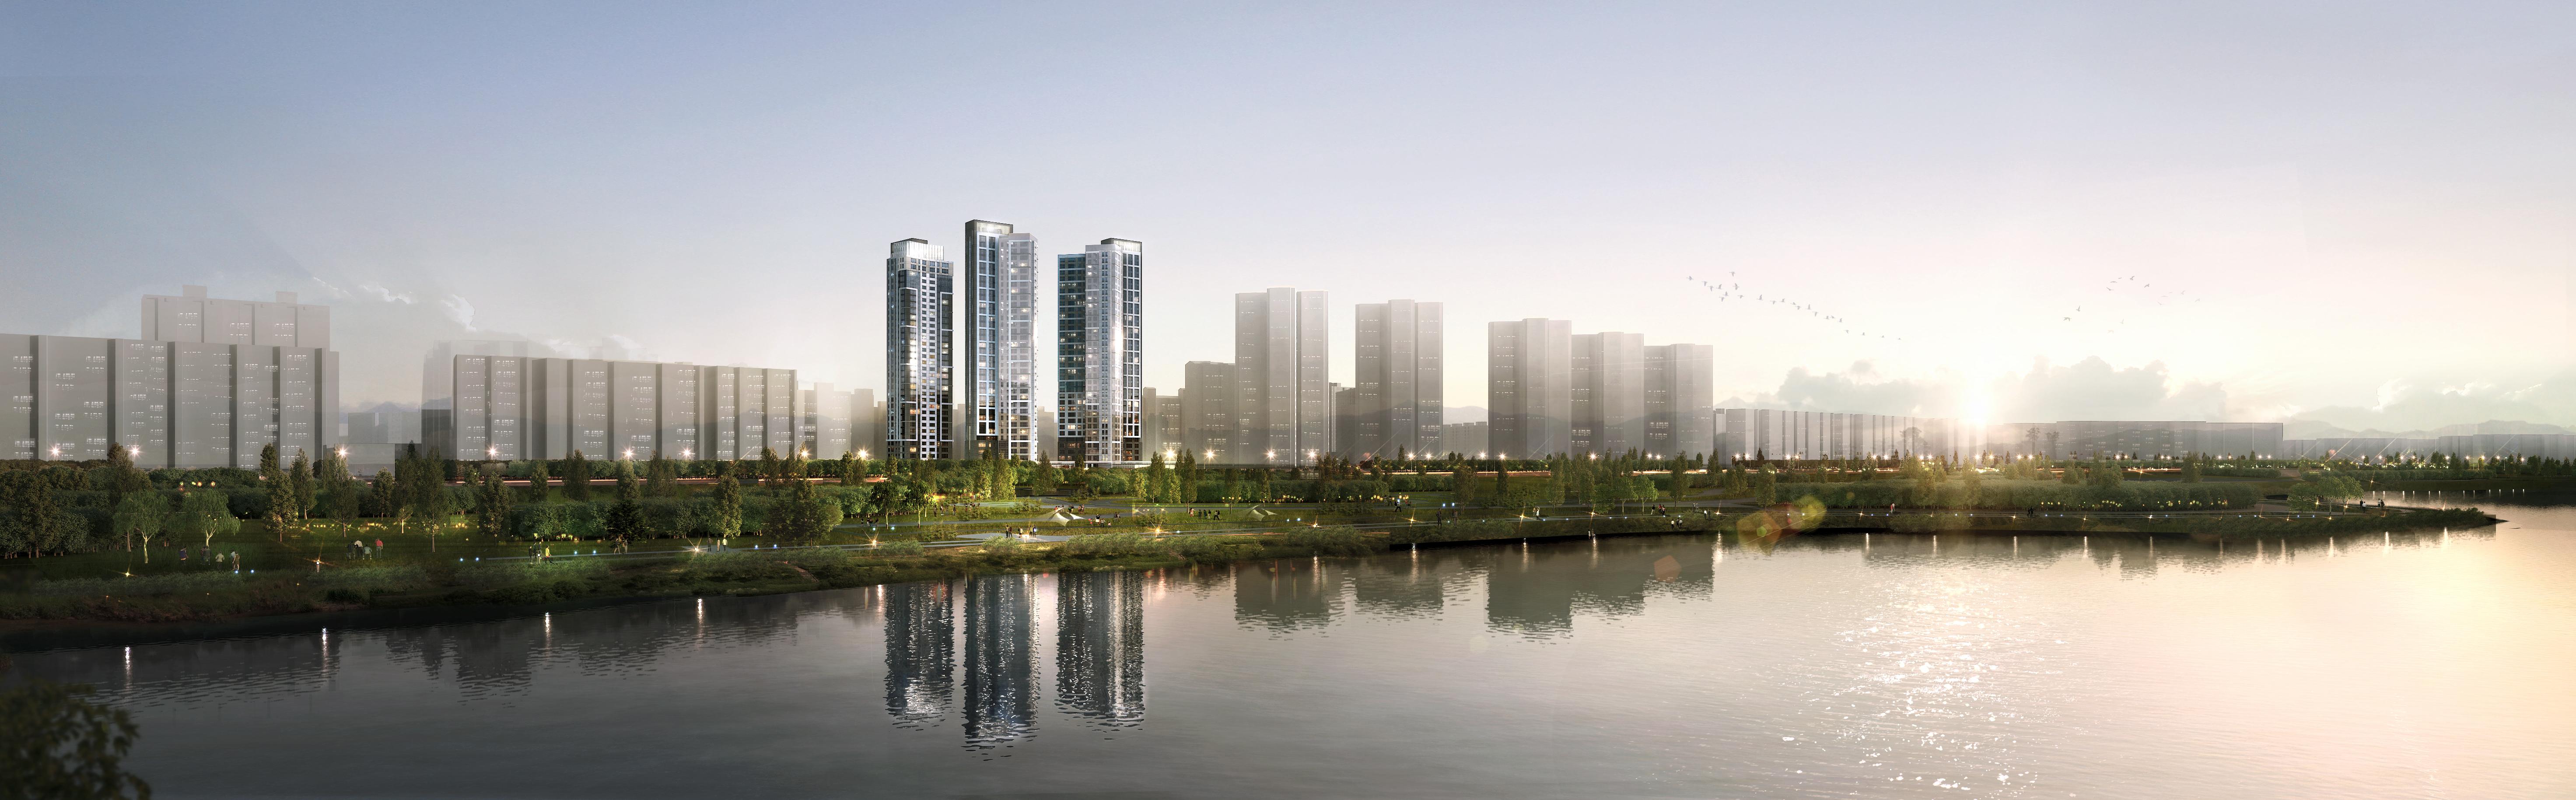 〔ANN의 뉴스 포커스〕한강변 명품 주거단지로 새롭게 변모하는 반포 '더 프리미엄 팰리스'